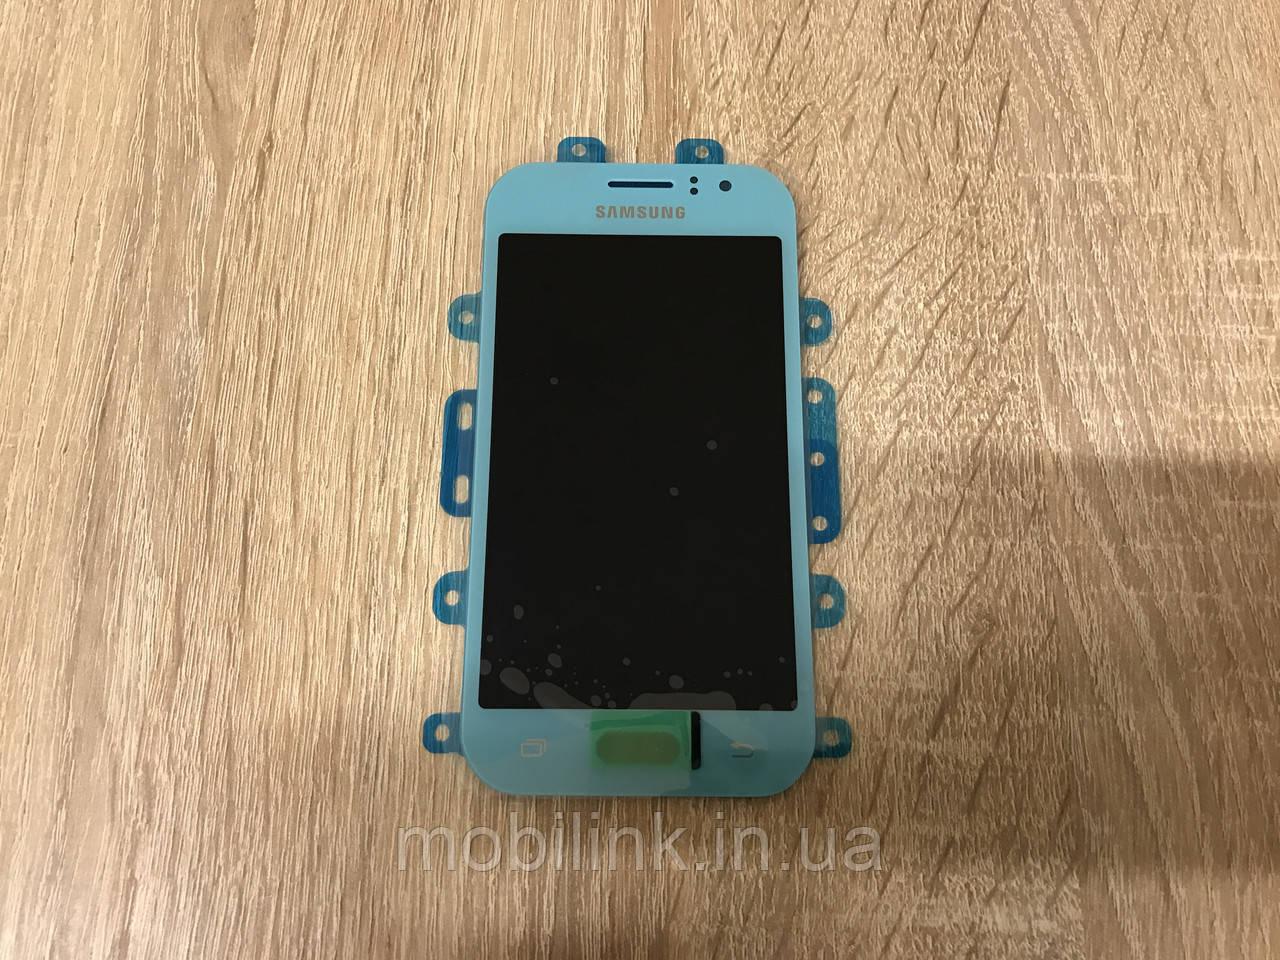 Дисплей Samsung J110 Голубой Blue GH97-17843C оригинал!